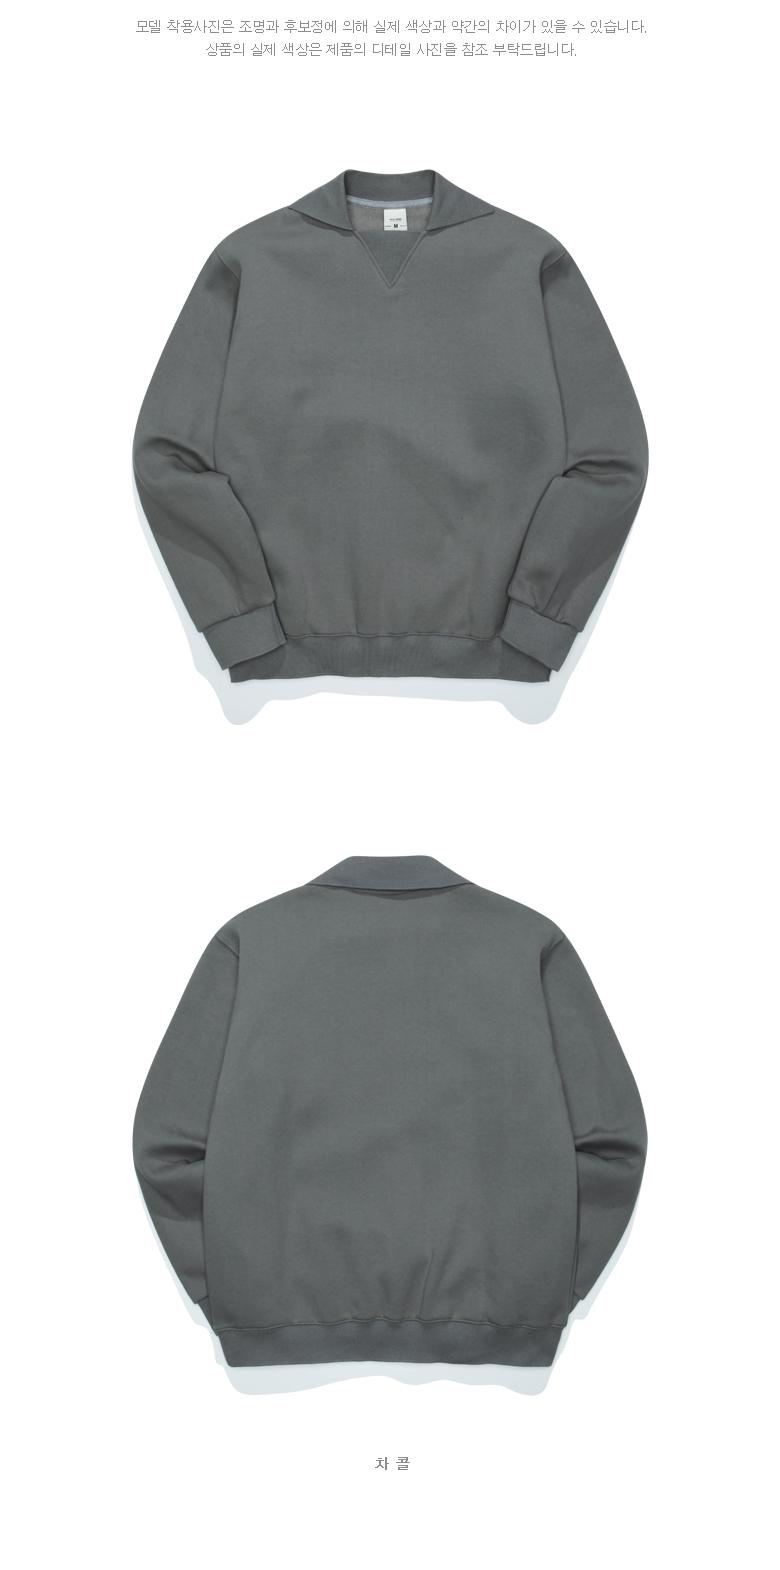 4_SKMT1209_detail_charcoal_01.jpg